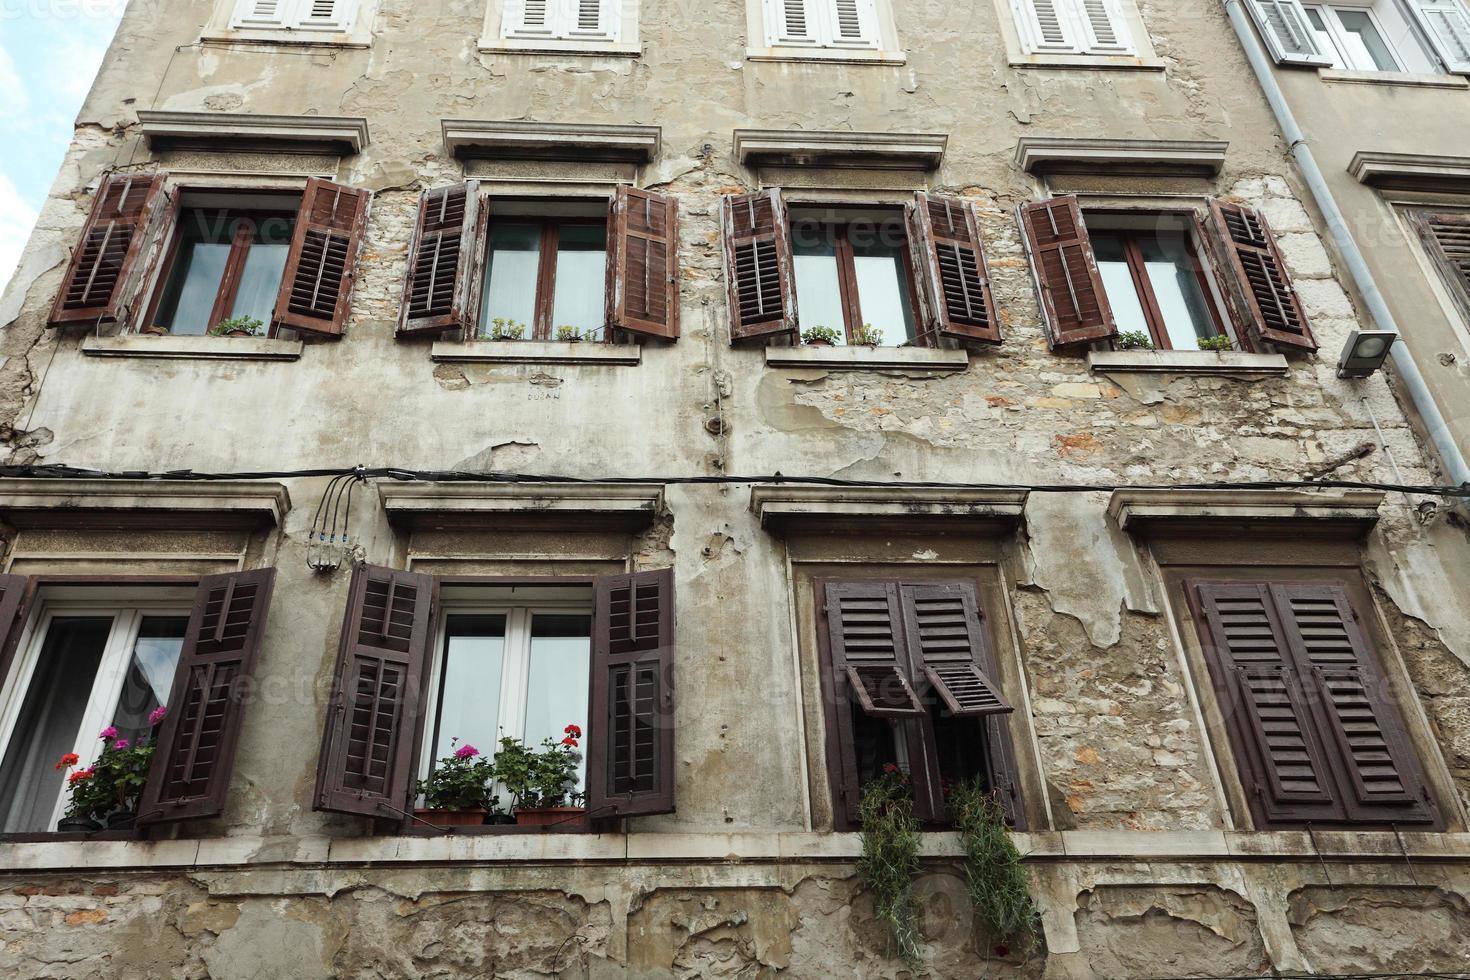 hausfassaden und fenster in der altstadt von pula in kroatien foto